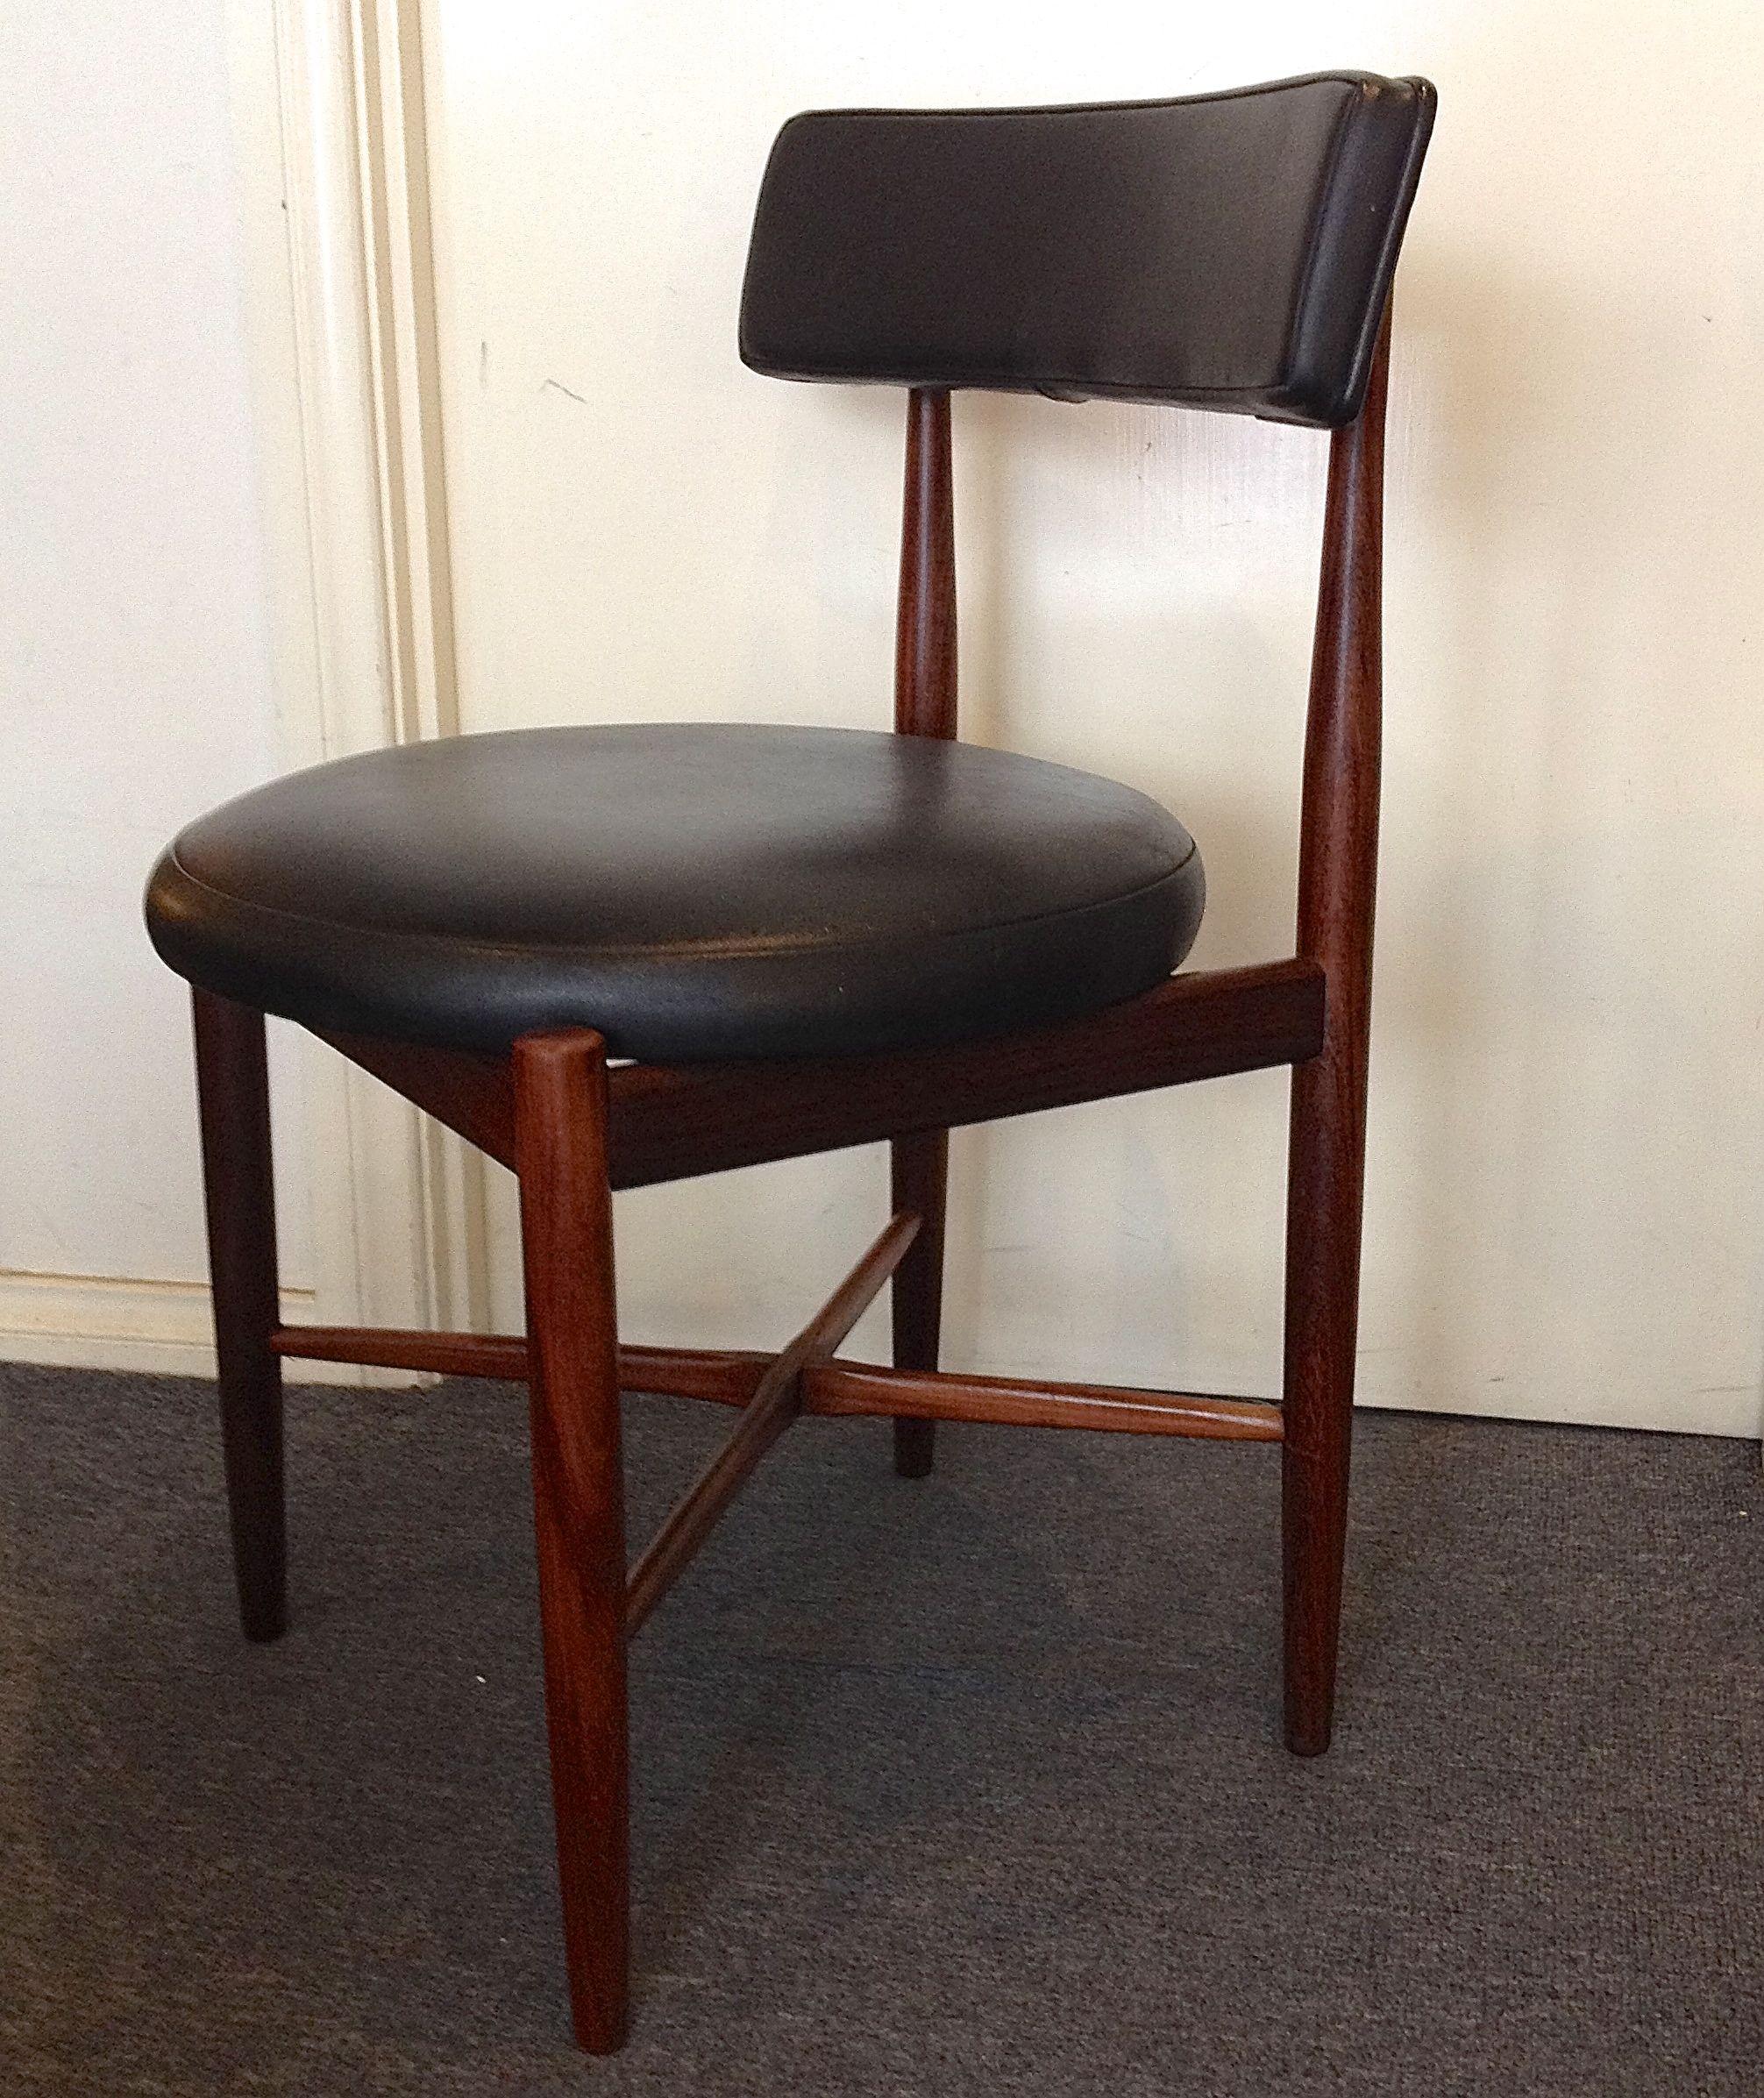 G Plan set 6 teak dining chairs made in England circular seats